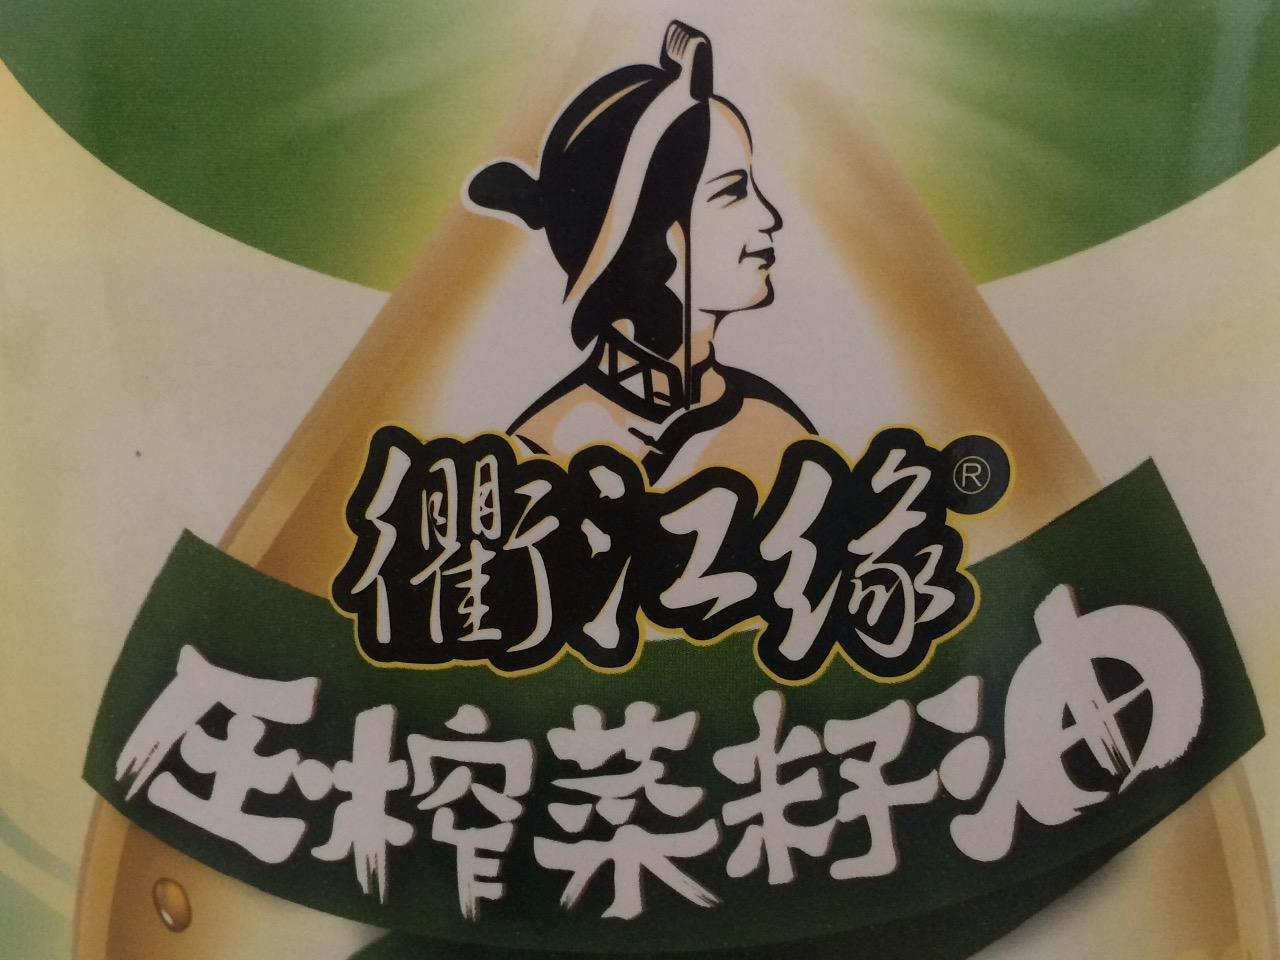 衢州市国丰油脂有限公司